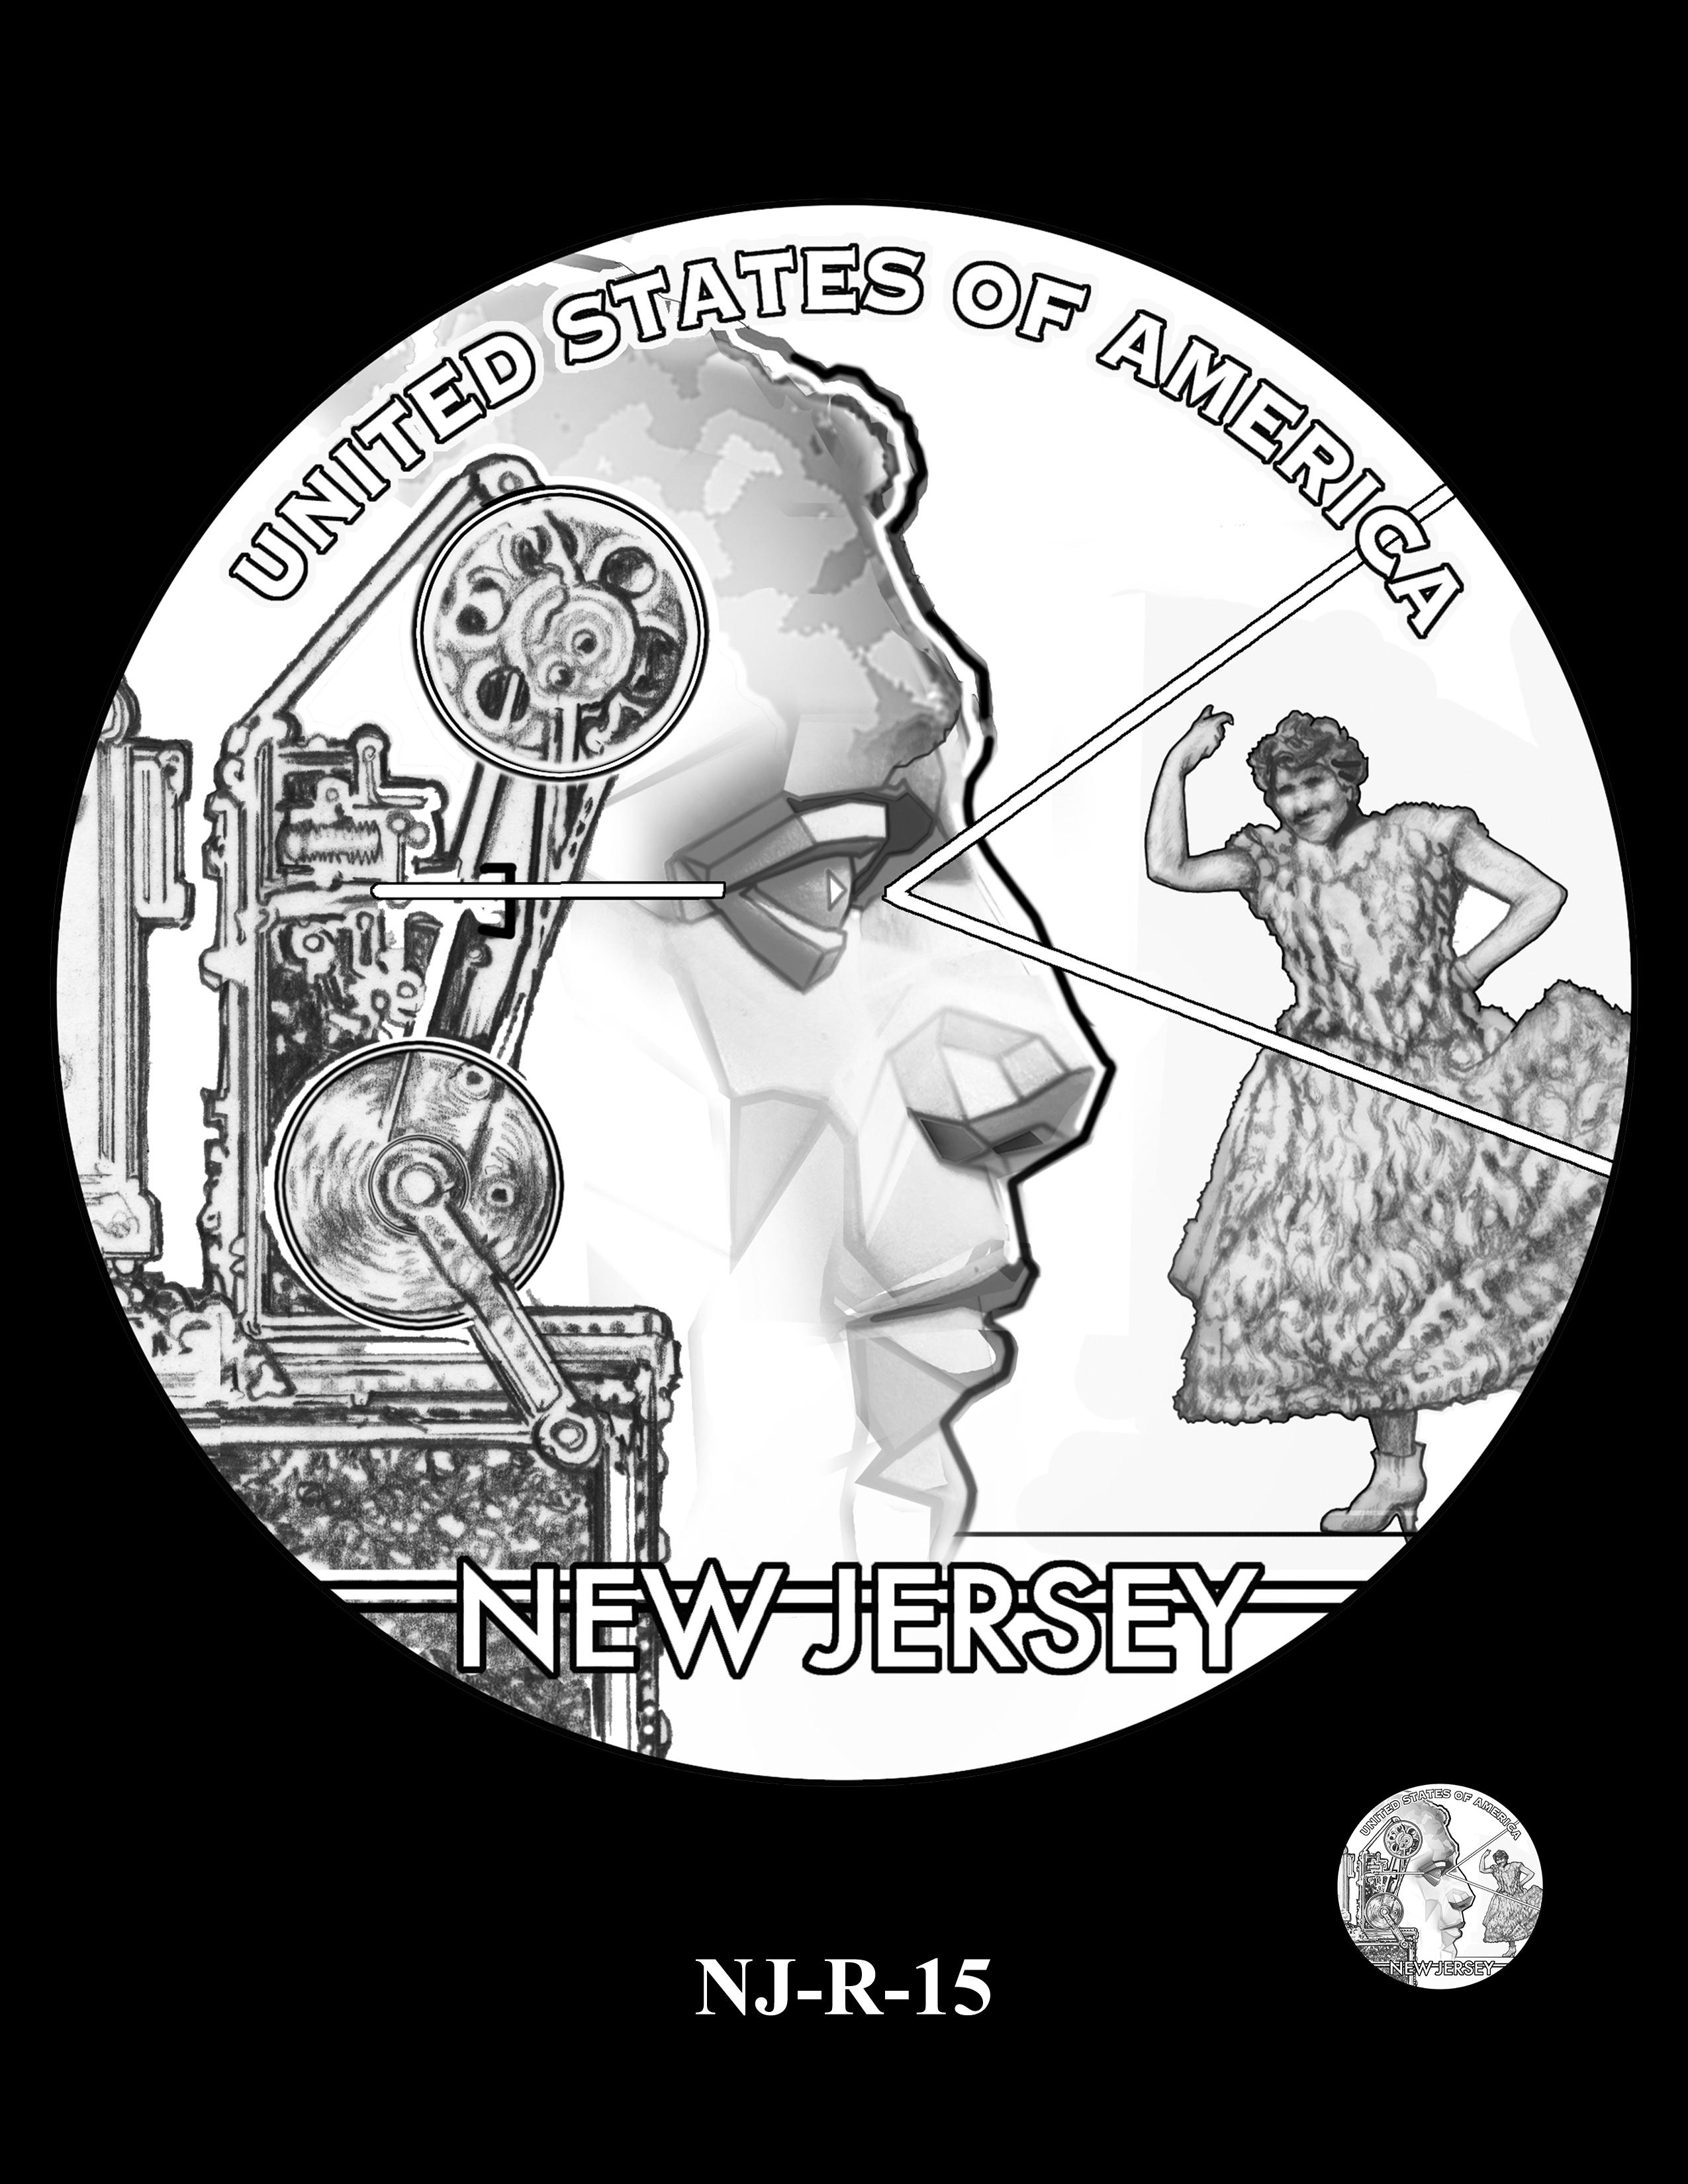 NJ-R-15 -- 2019 American Innovation $1 Coin Program